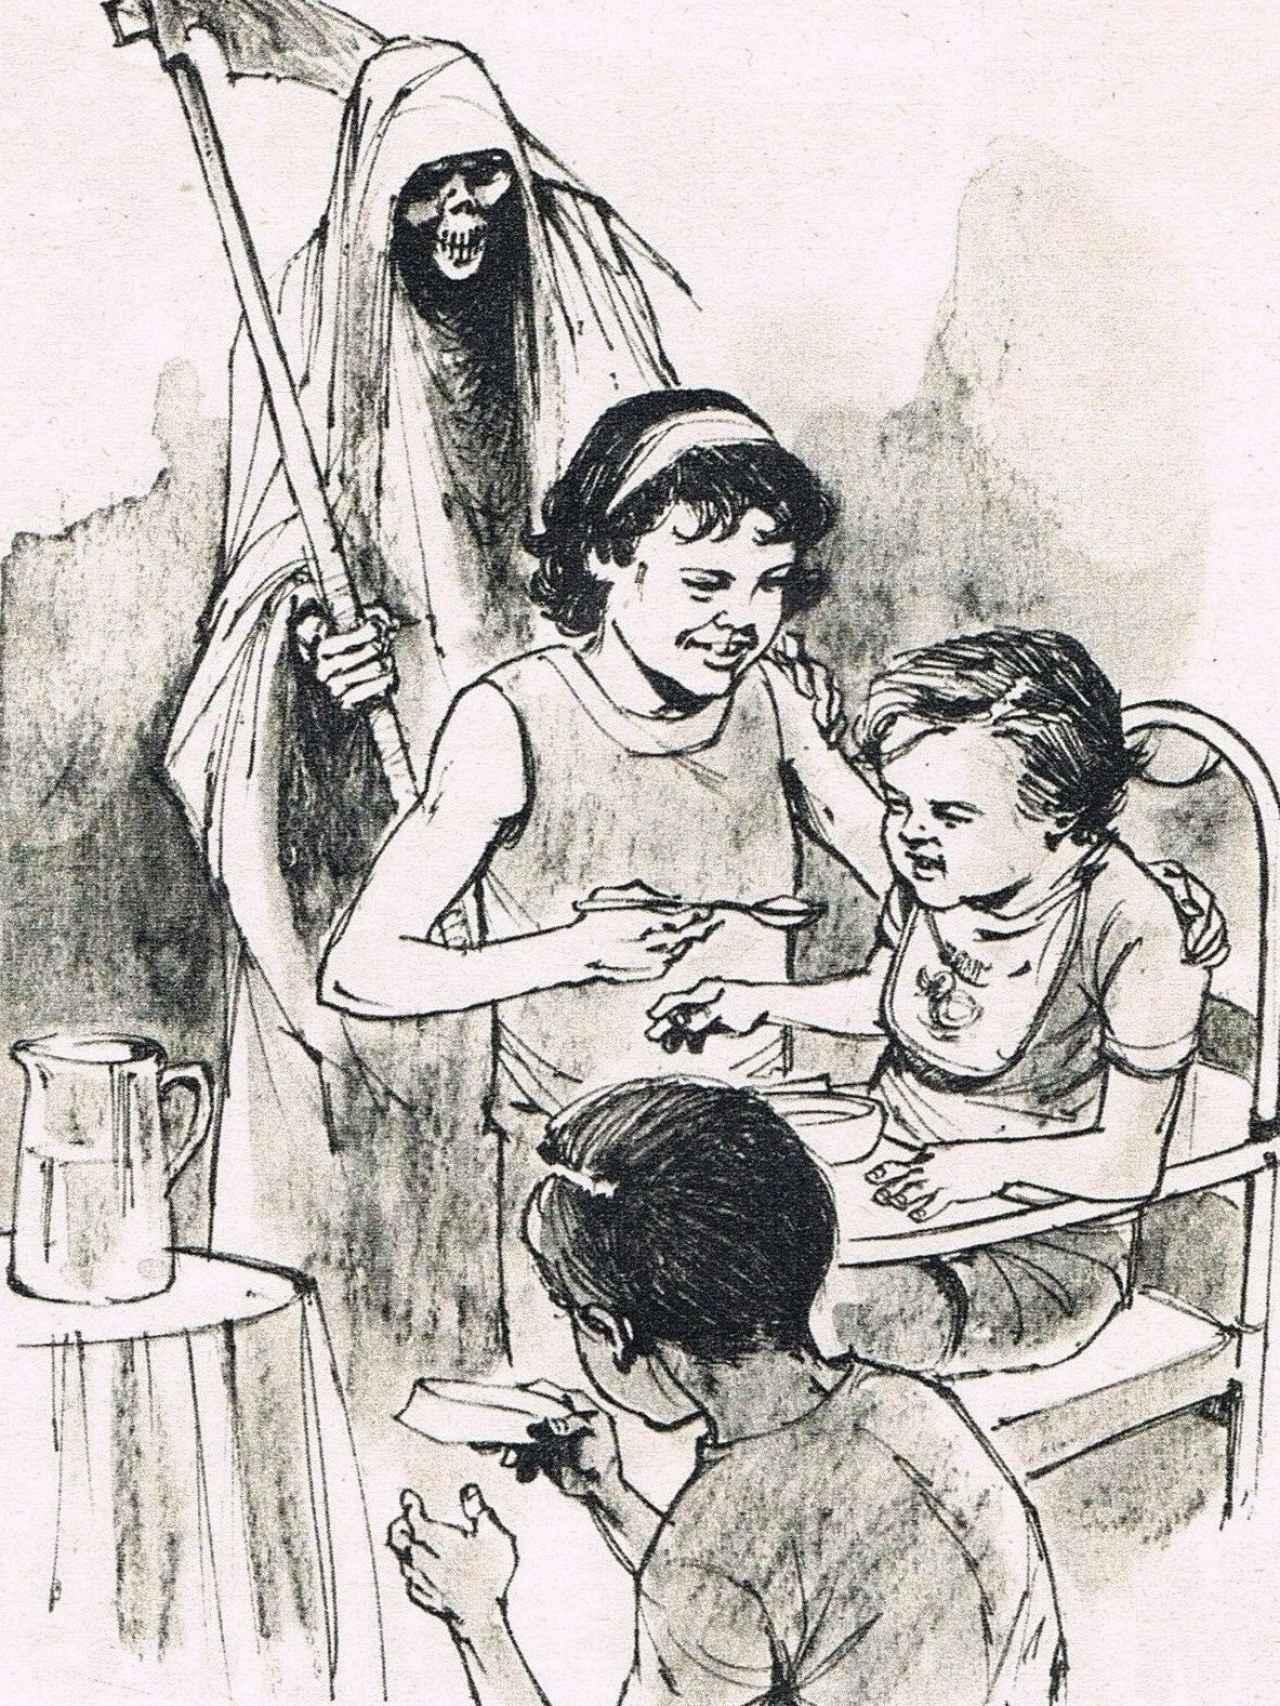 Dibujo que publicó El Caso mostrando cómo Piedad envenenaba a sus hermanitos.